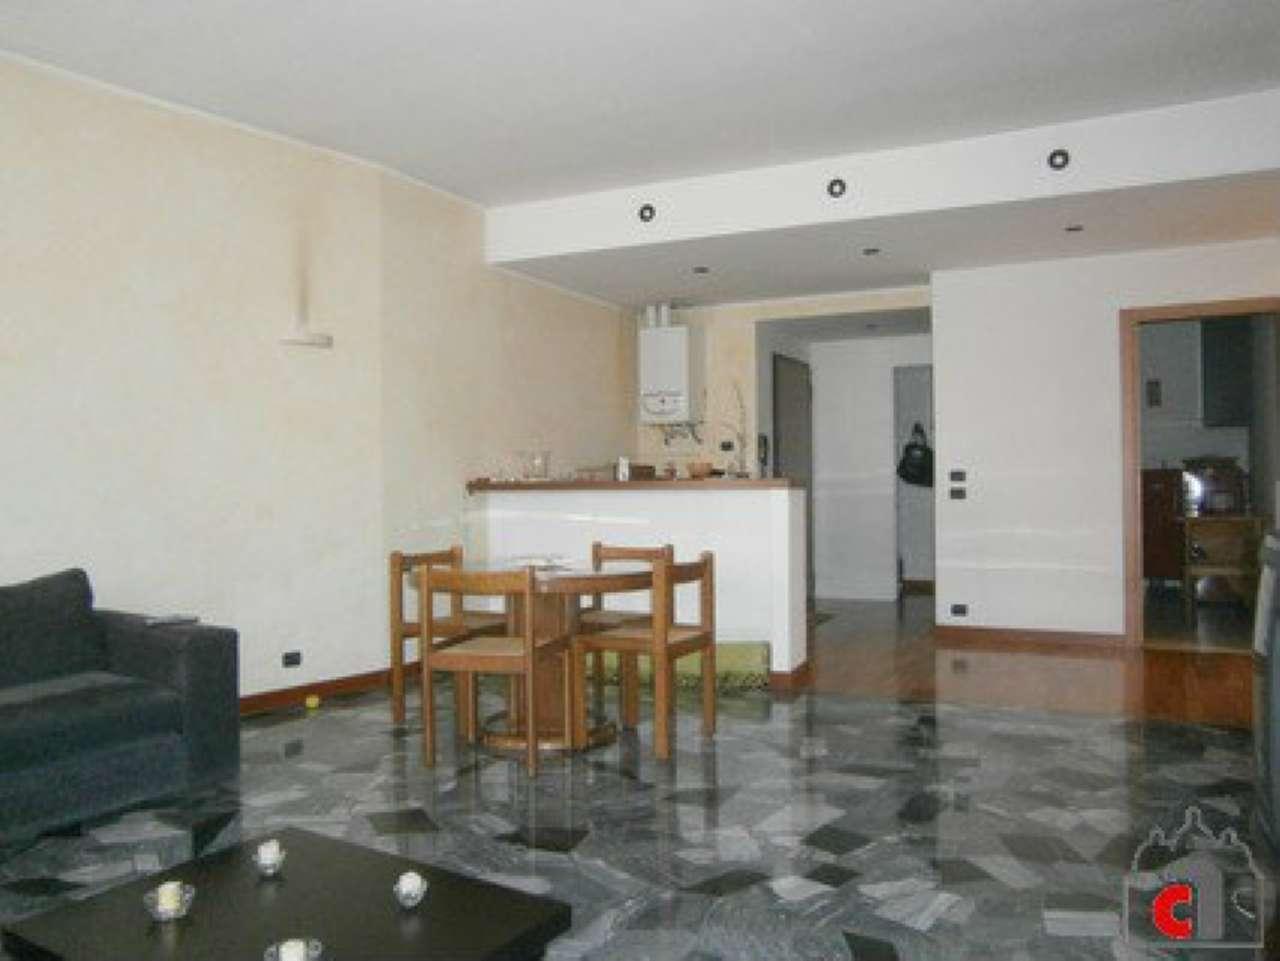 Appartamento in vendita a Padova, 4 locali, zona Zona: 4 . Sud-Est (S.Croce-S. Osvaldo, Bassanello-Voltabarozzo), prezzo € 270.000 | CambioCasa.it